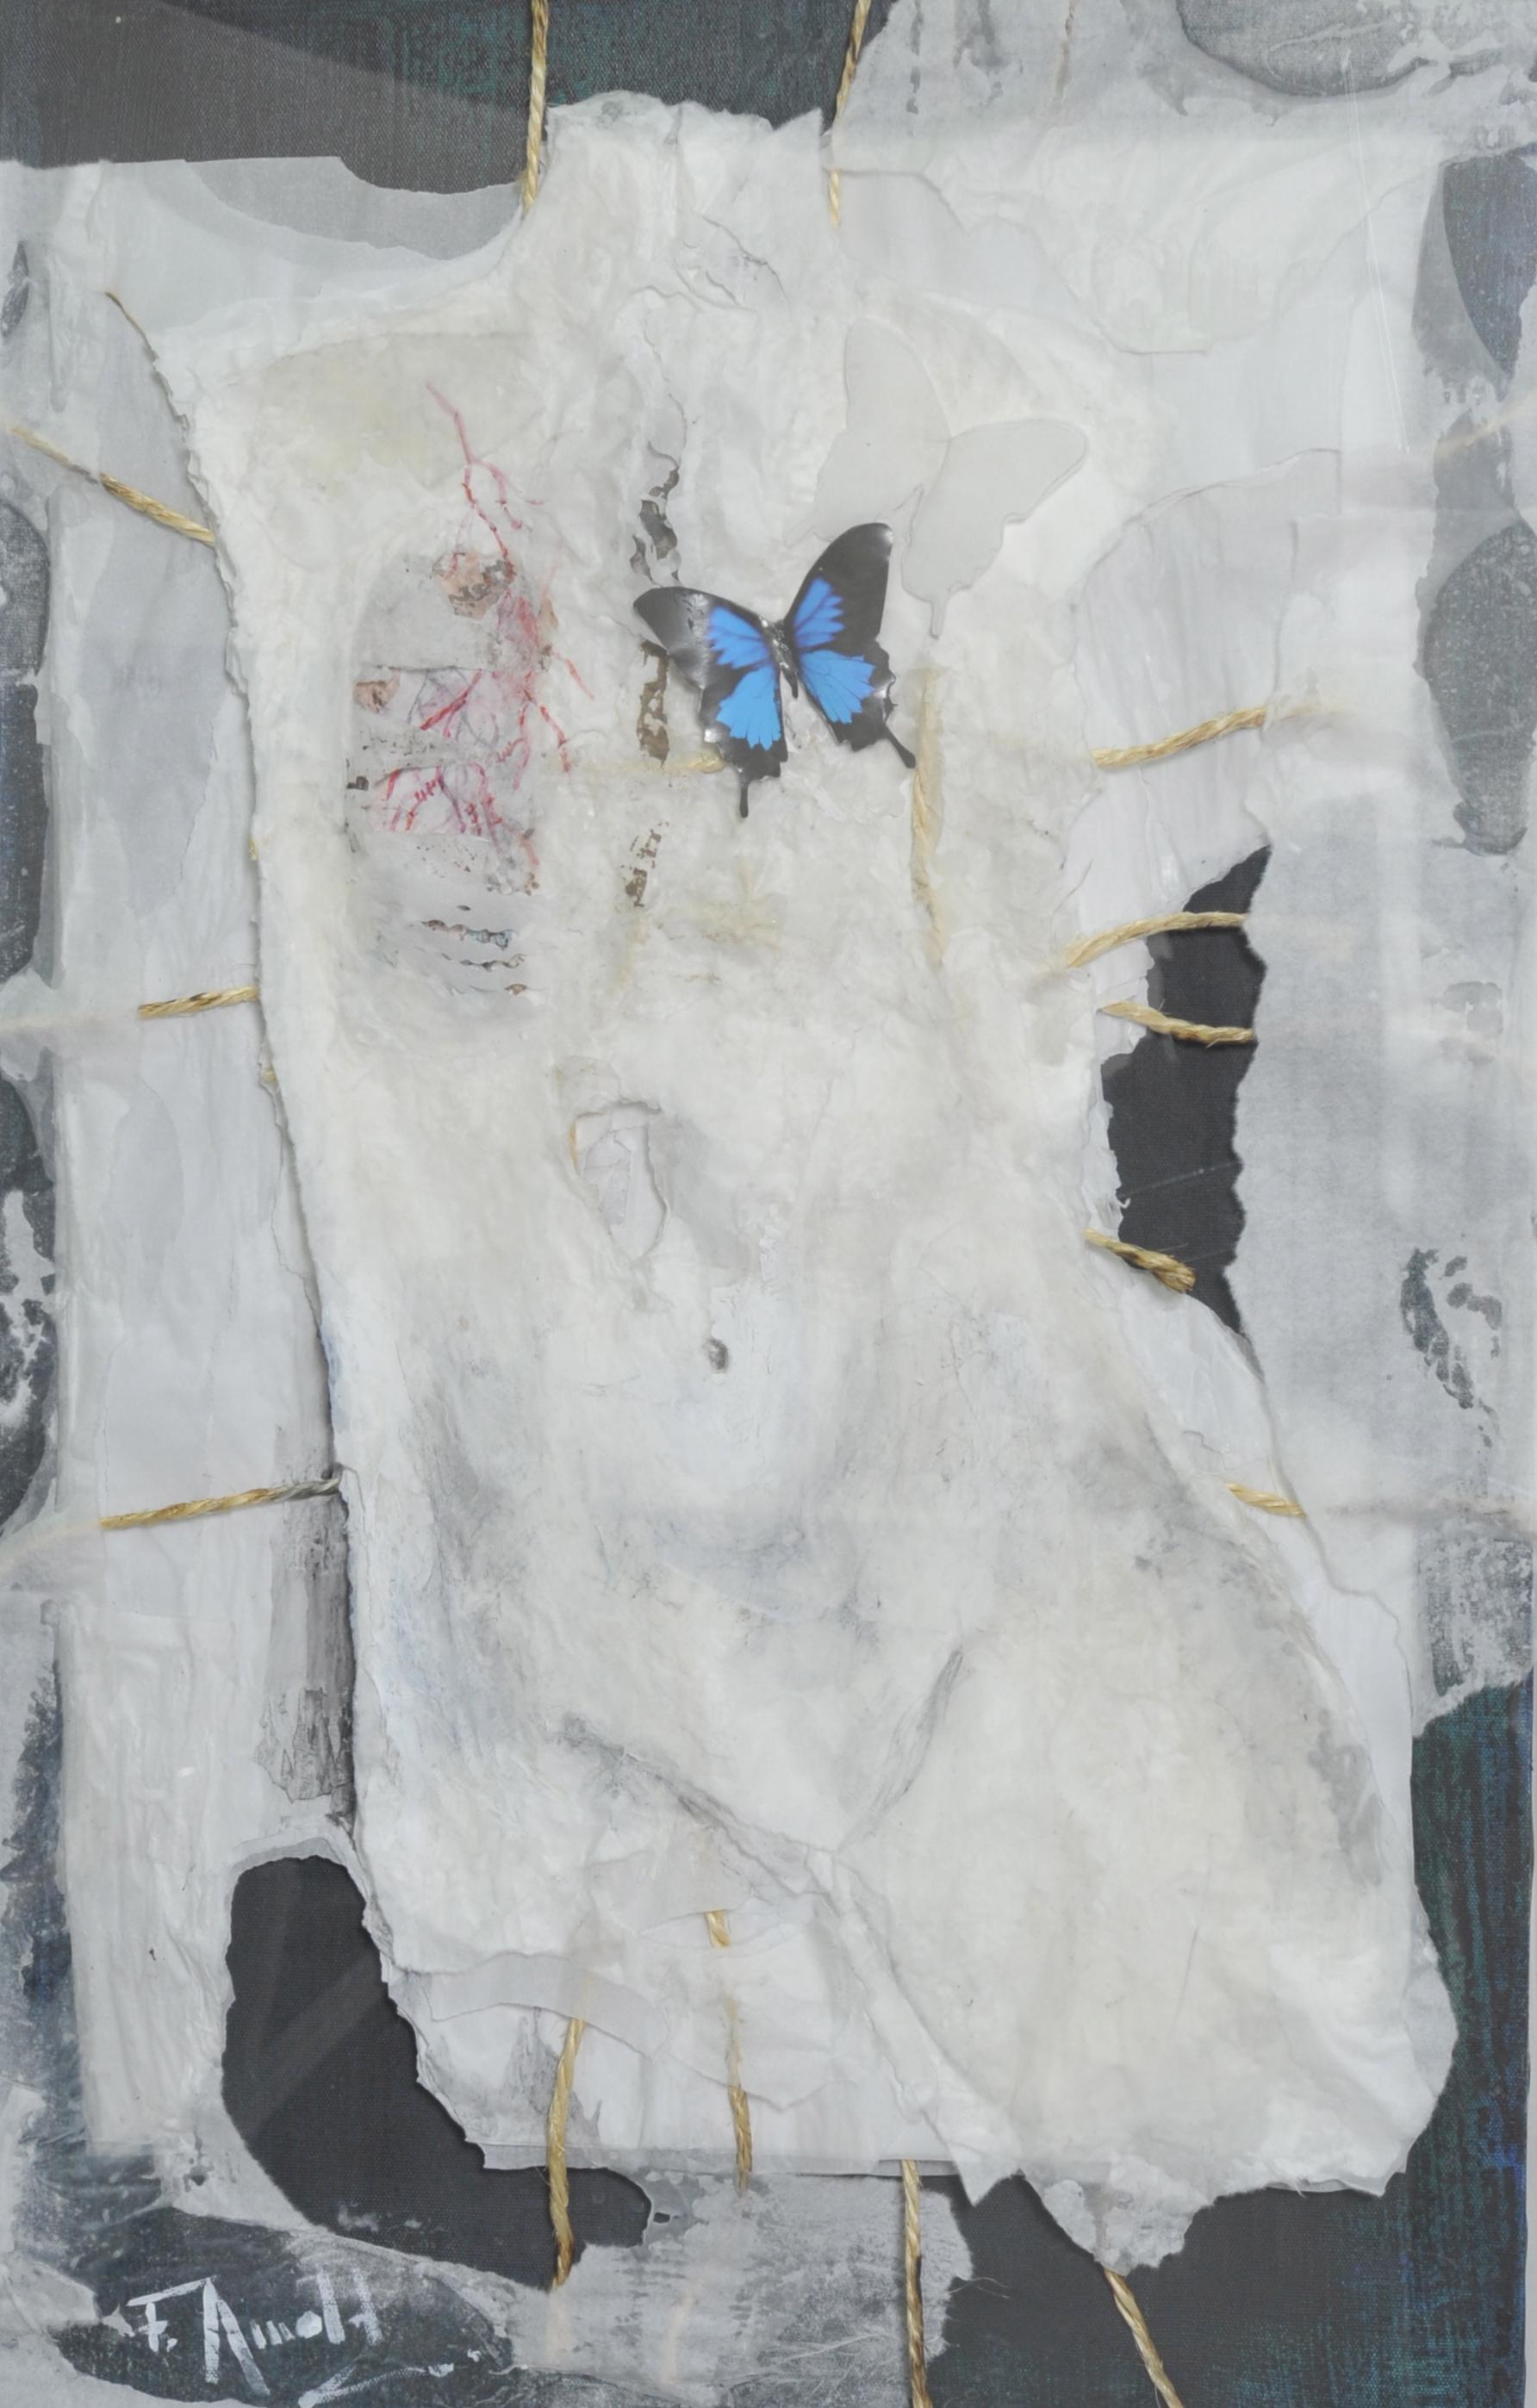 Florence Arnold, De la vie dans mes veines, millefeuille de papier, ficelle de lin, acrylique, 80 x 50 cm. Courtesy de l'artiste